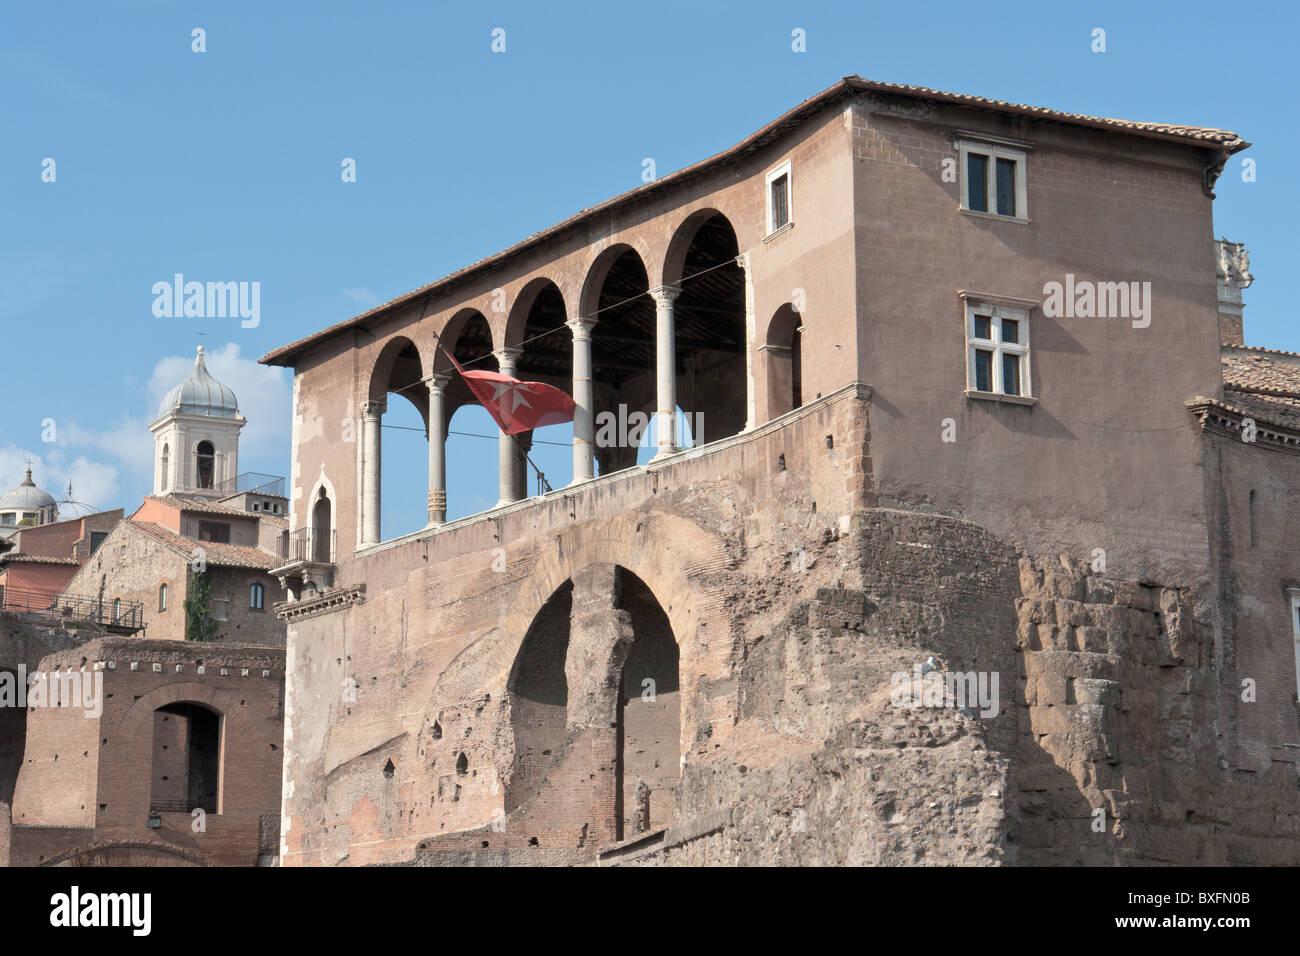 Loggia dei Cavalieri di Rodi in Rome Stock Photo